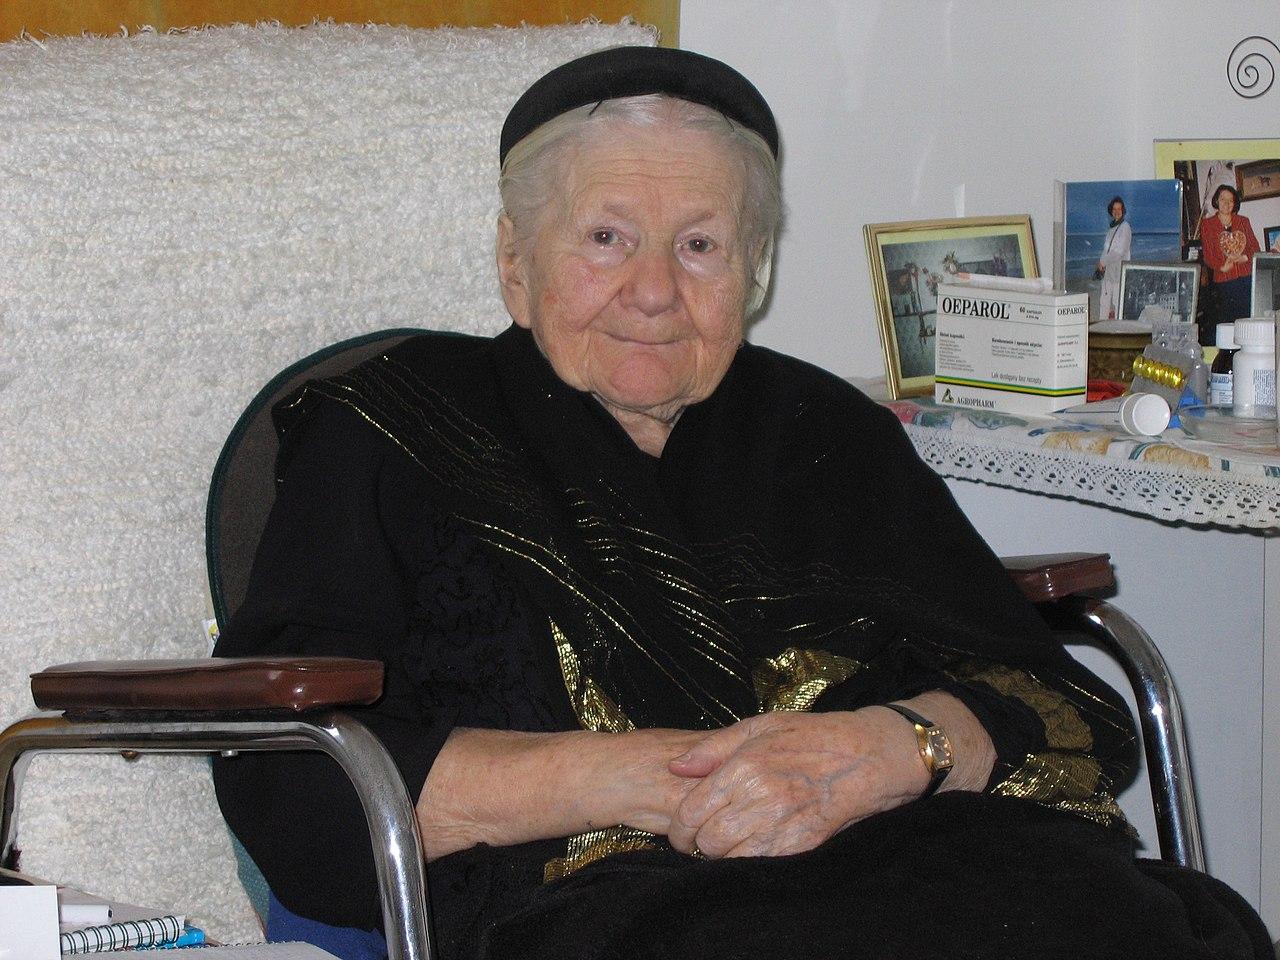 https://upload.wikimedia.org/wikipedia/commons/thumb/0/06/Irena_Sendlerowa_2005-02-13.jpg/1280px-Irena_Sendlerowa_2005-02-13.jpg